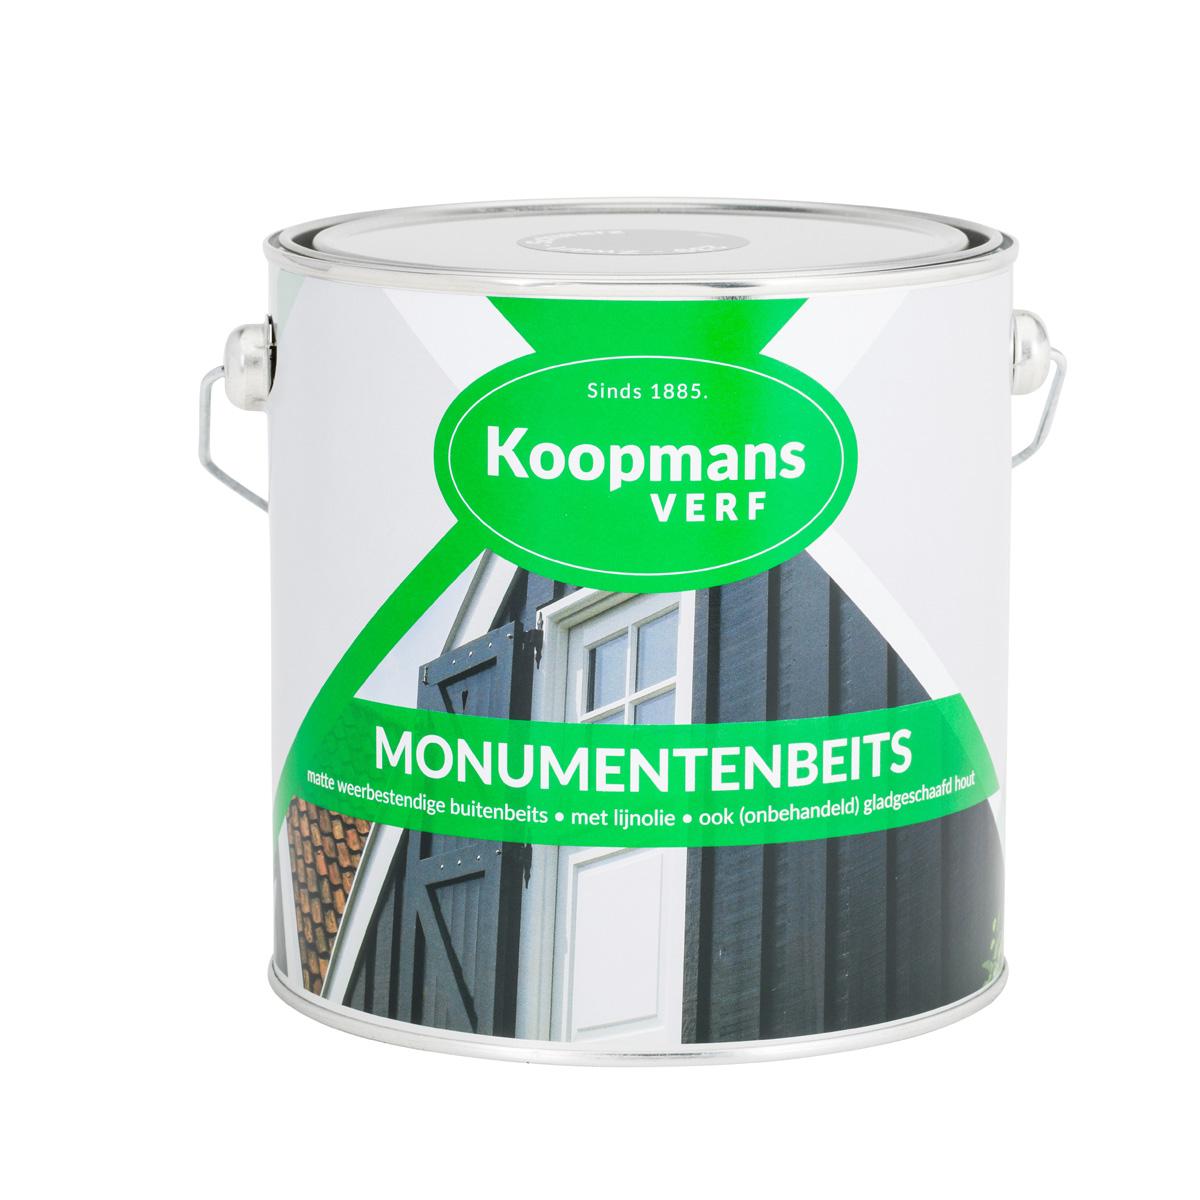 Koopmans Monumenten Beits - 2,5 liter